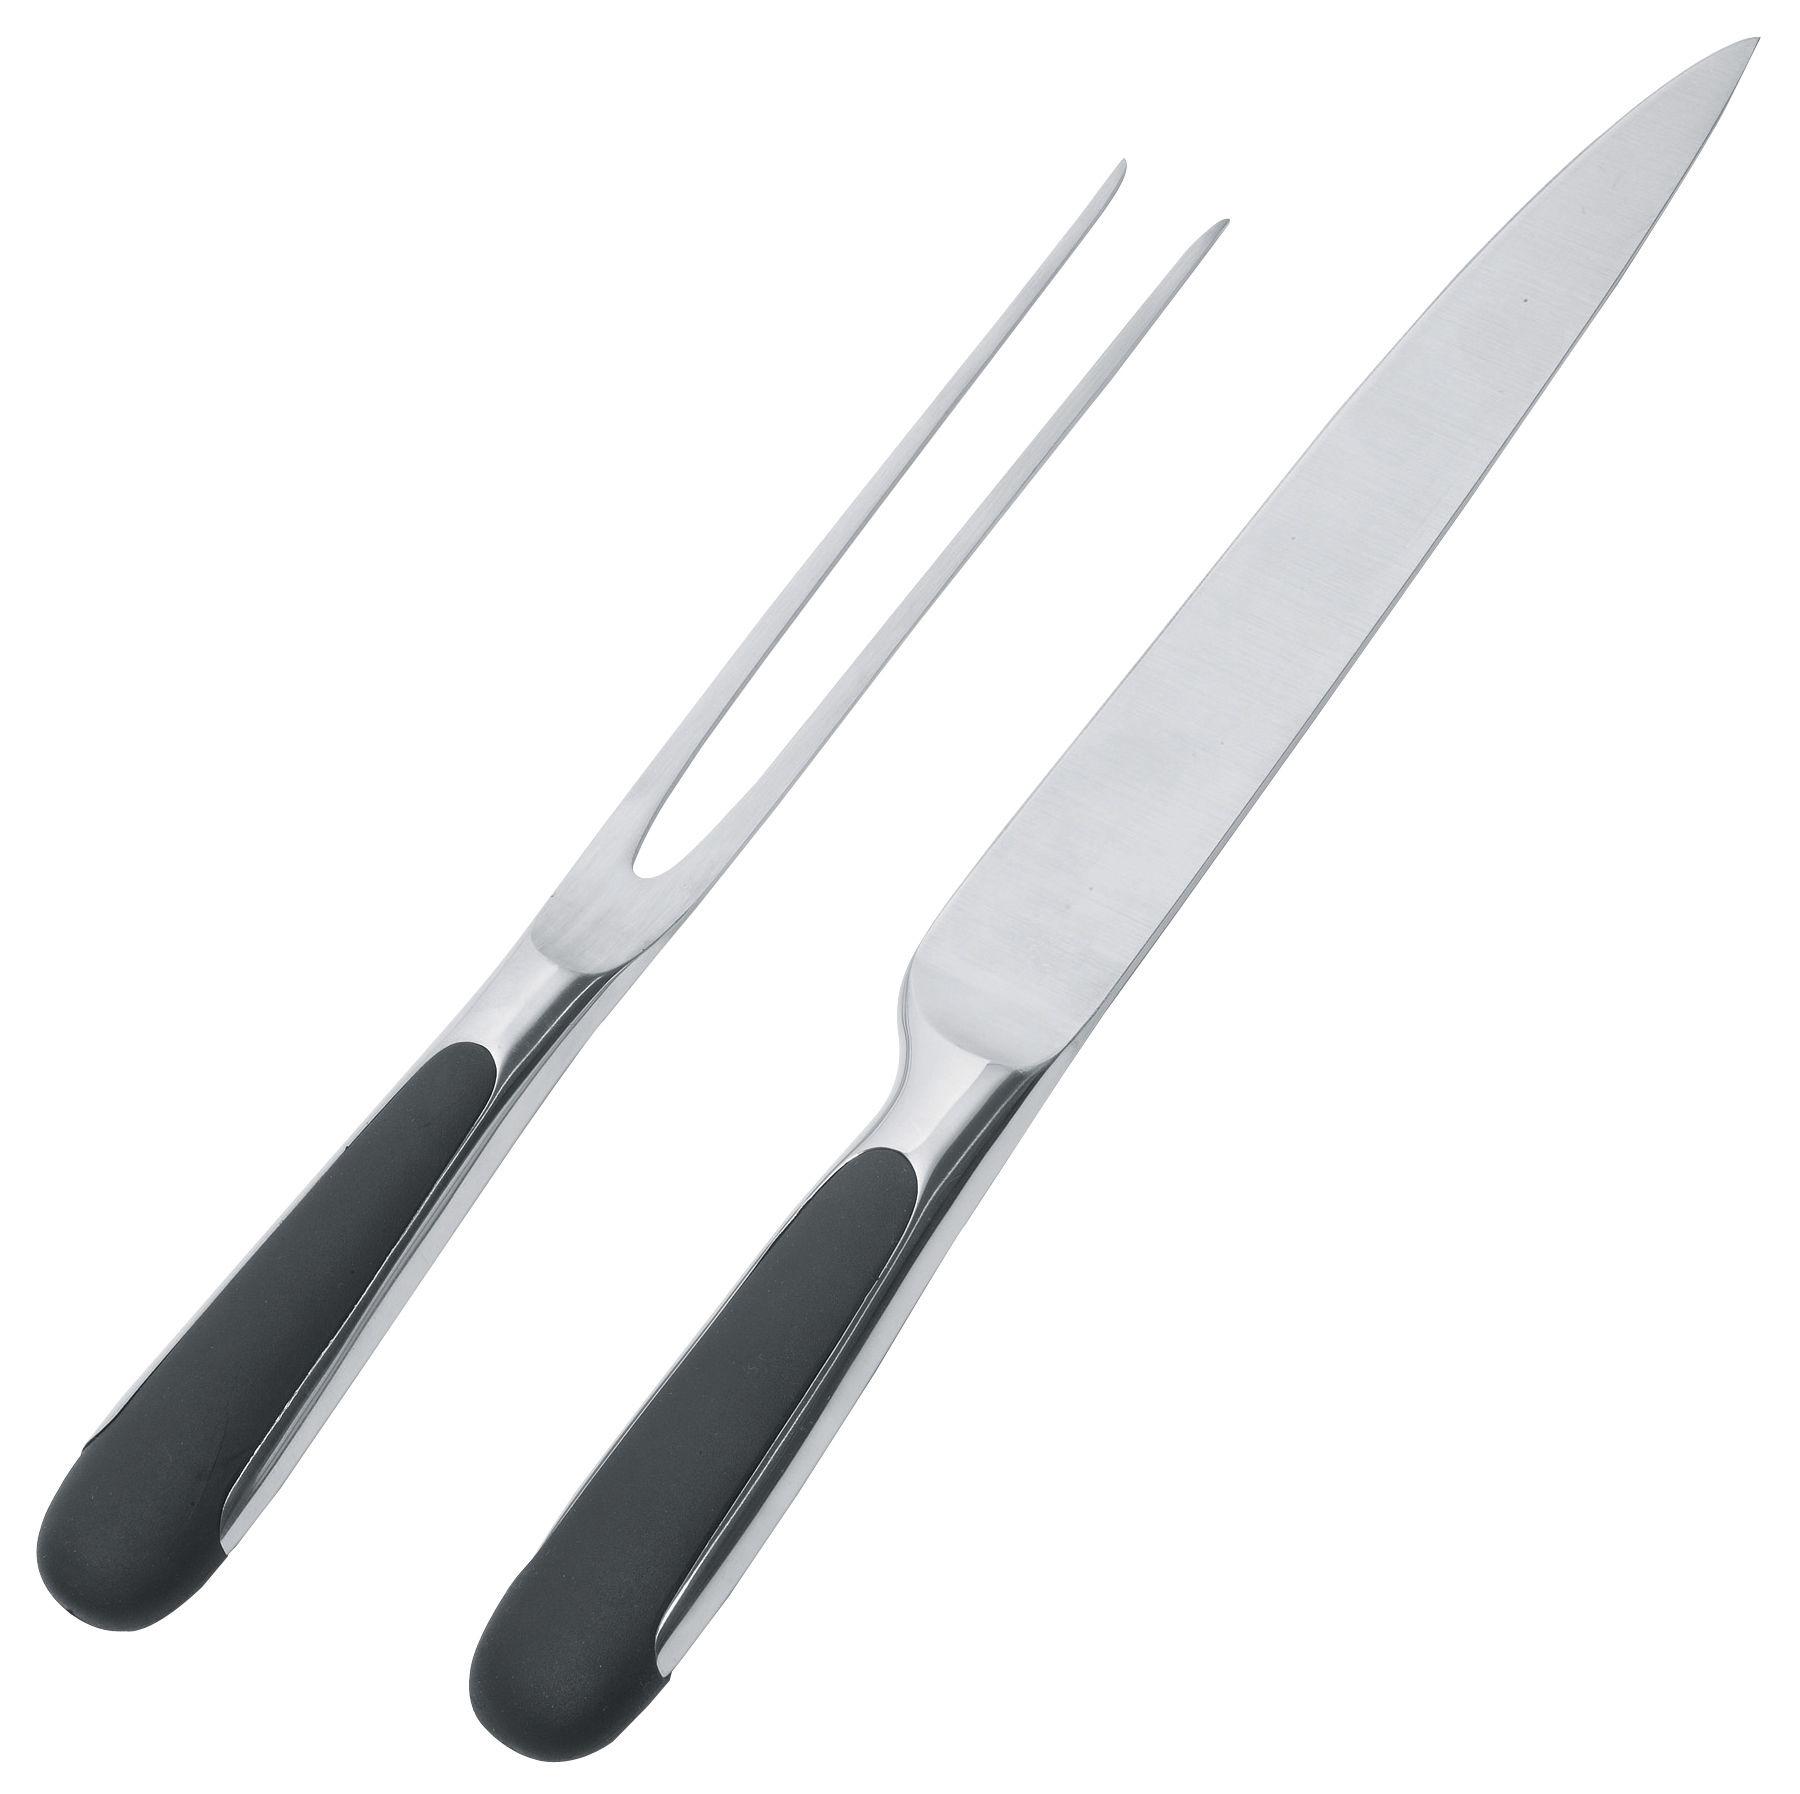 Cucina - Coltelli da cucina - Posate da trancio Mami - Set forchetta + coltello di Alessi - Acciaio - Nero - Acciaio forgiato, TPE